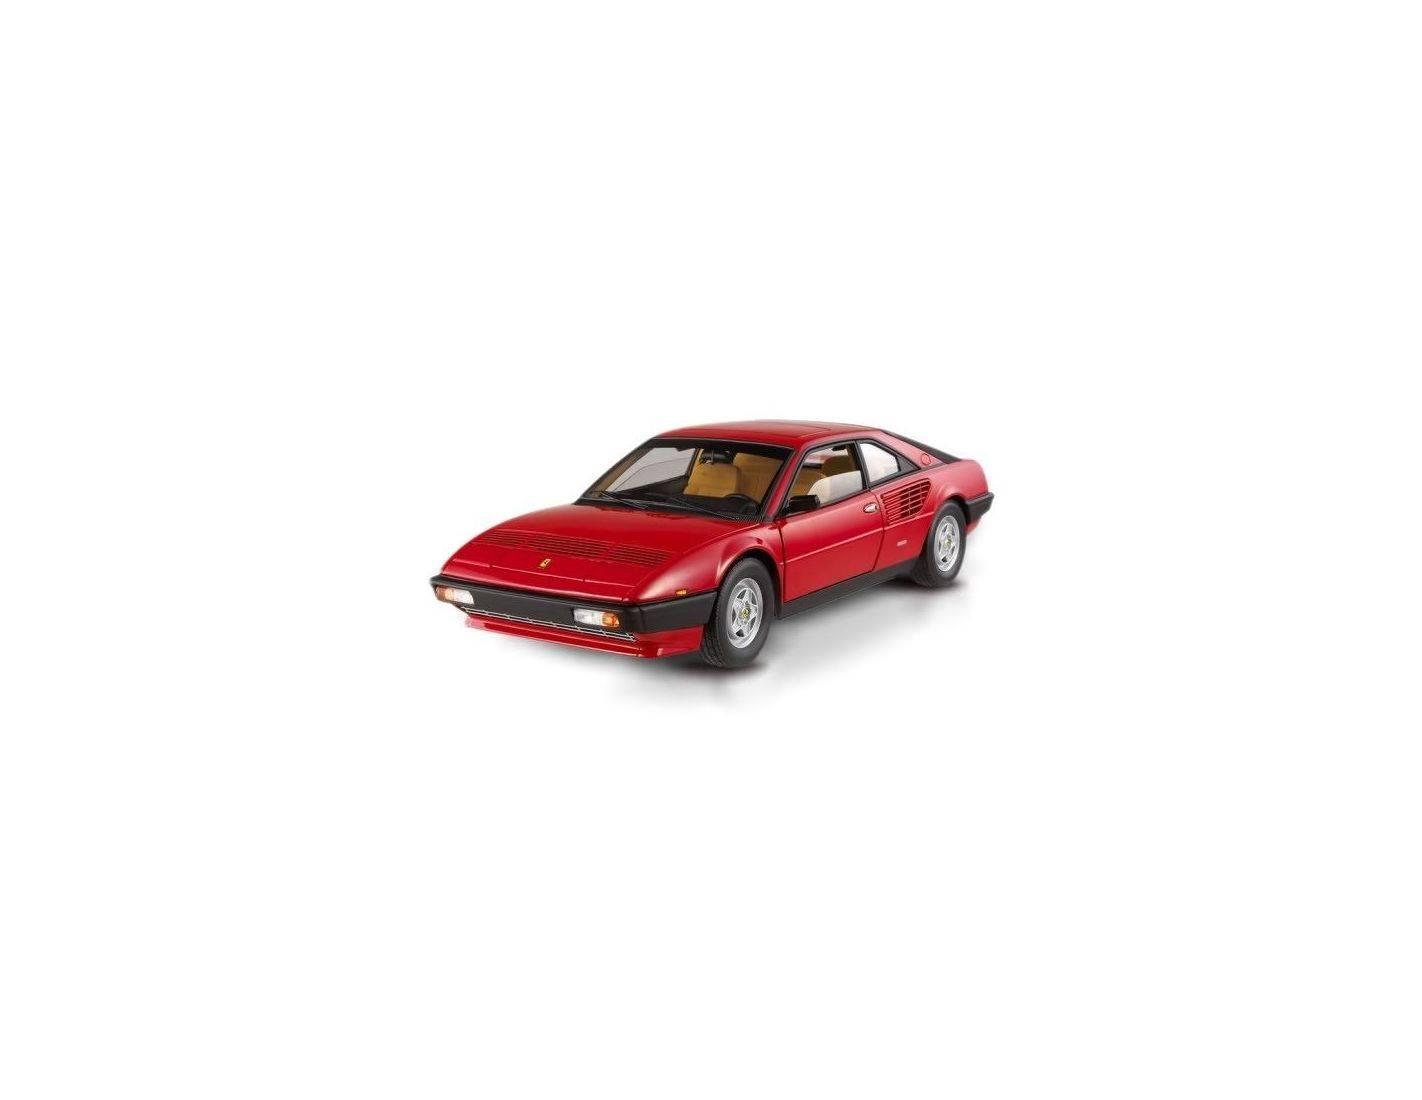 auto 1 18 mattel l7119 ferrari mondial 8 high end red 1 18 modellino modellino shop. Black Bedroom Furniture Sets. Home Design Ideas